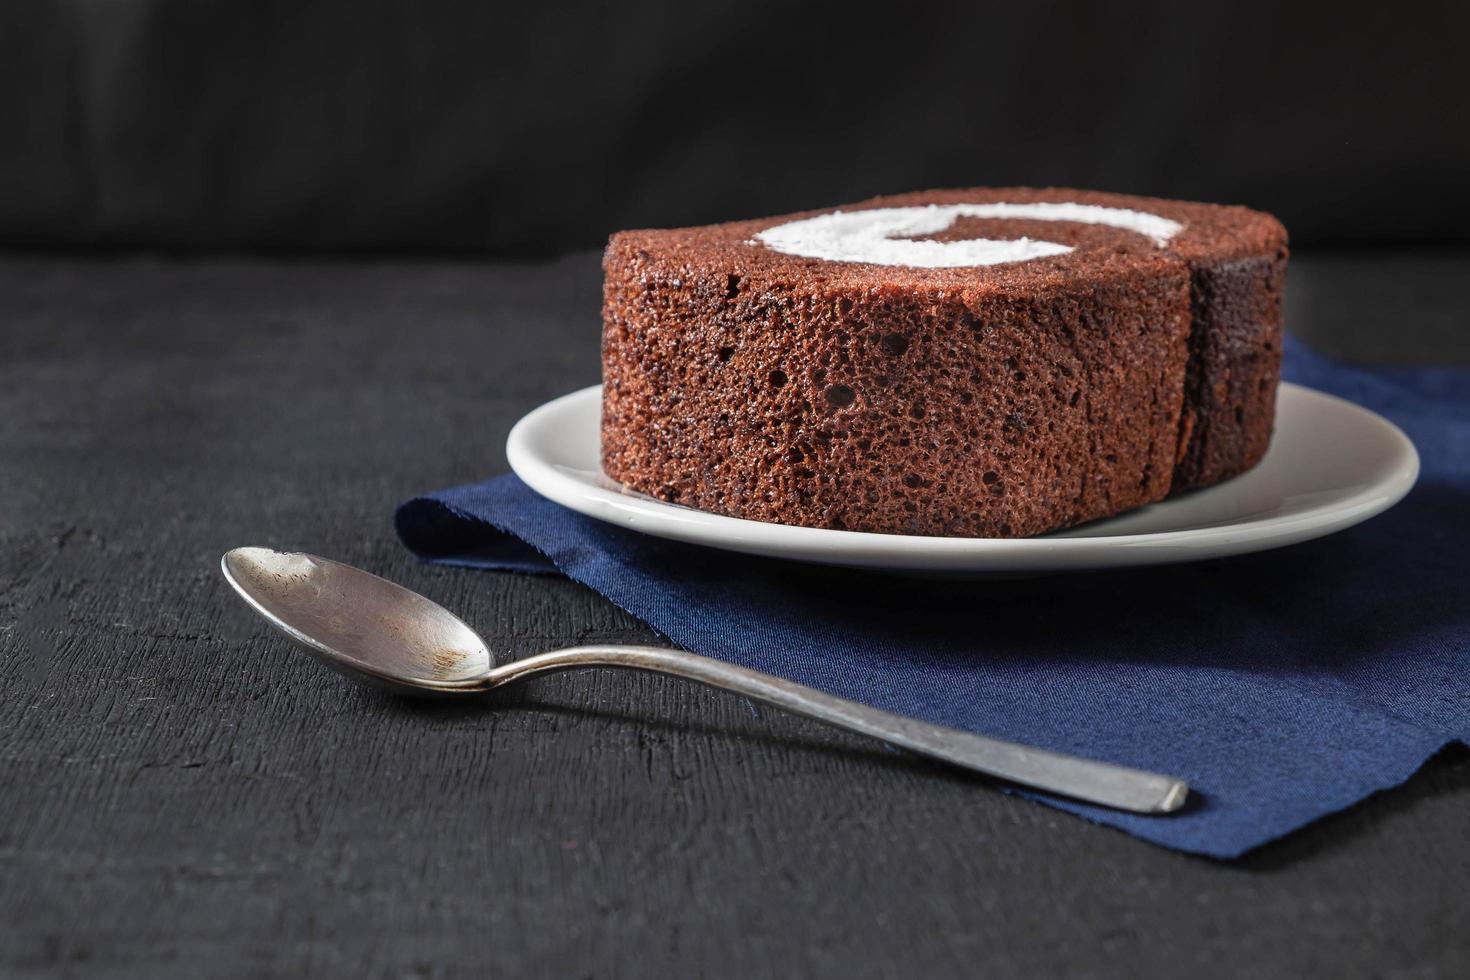 chocoladetaart op tafel foto